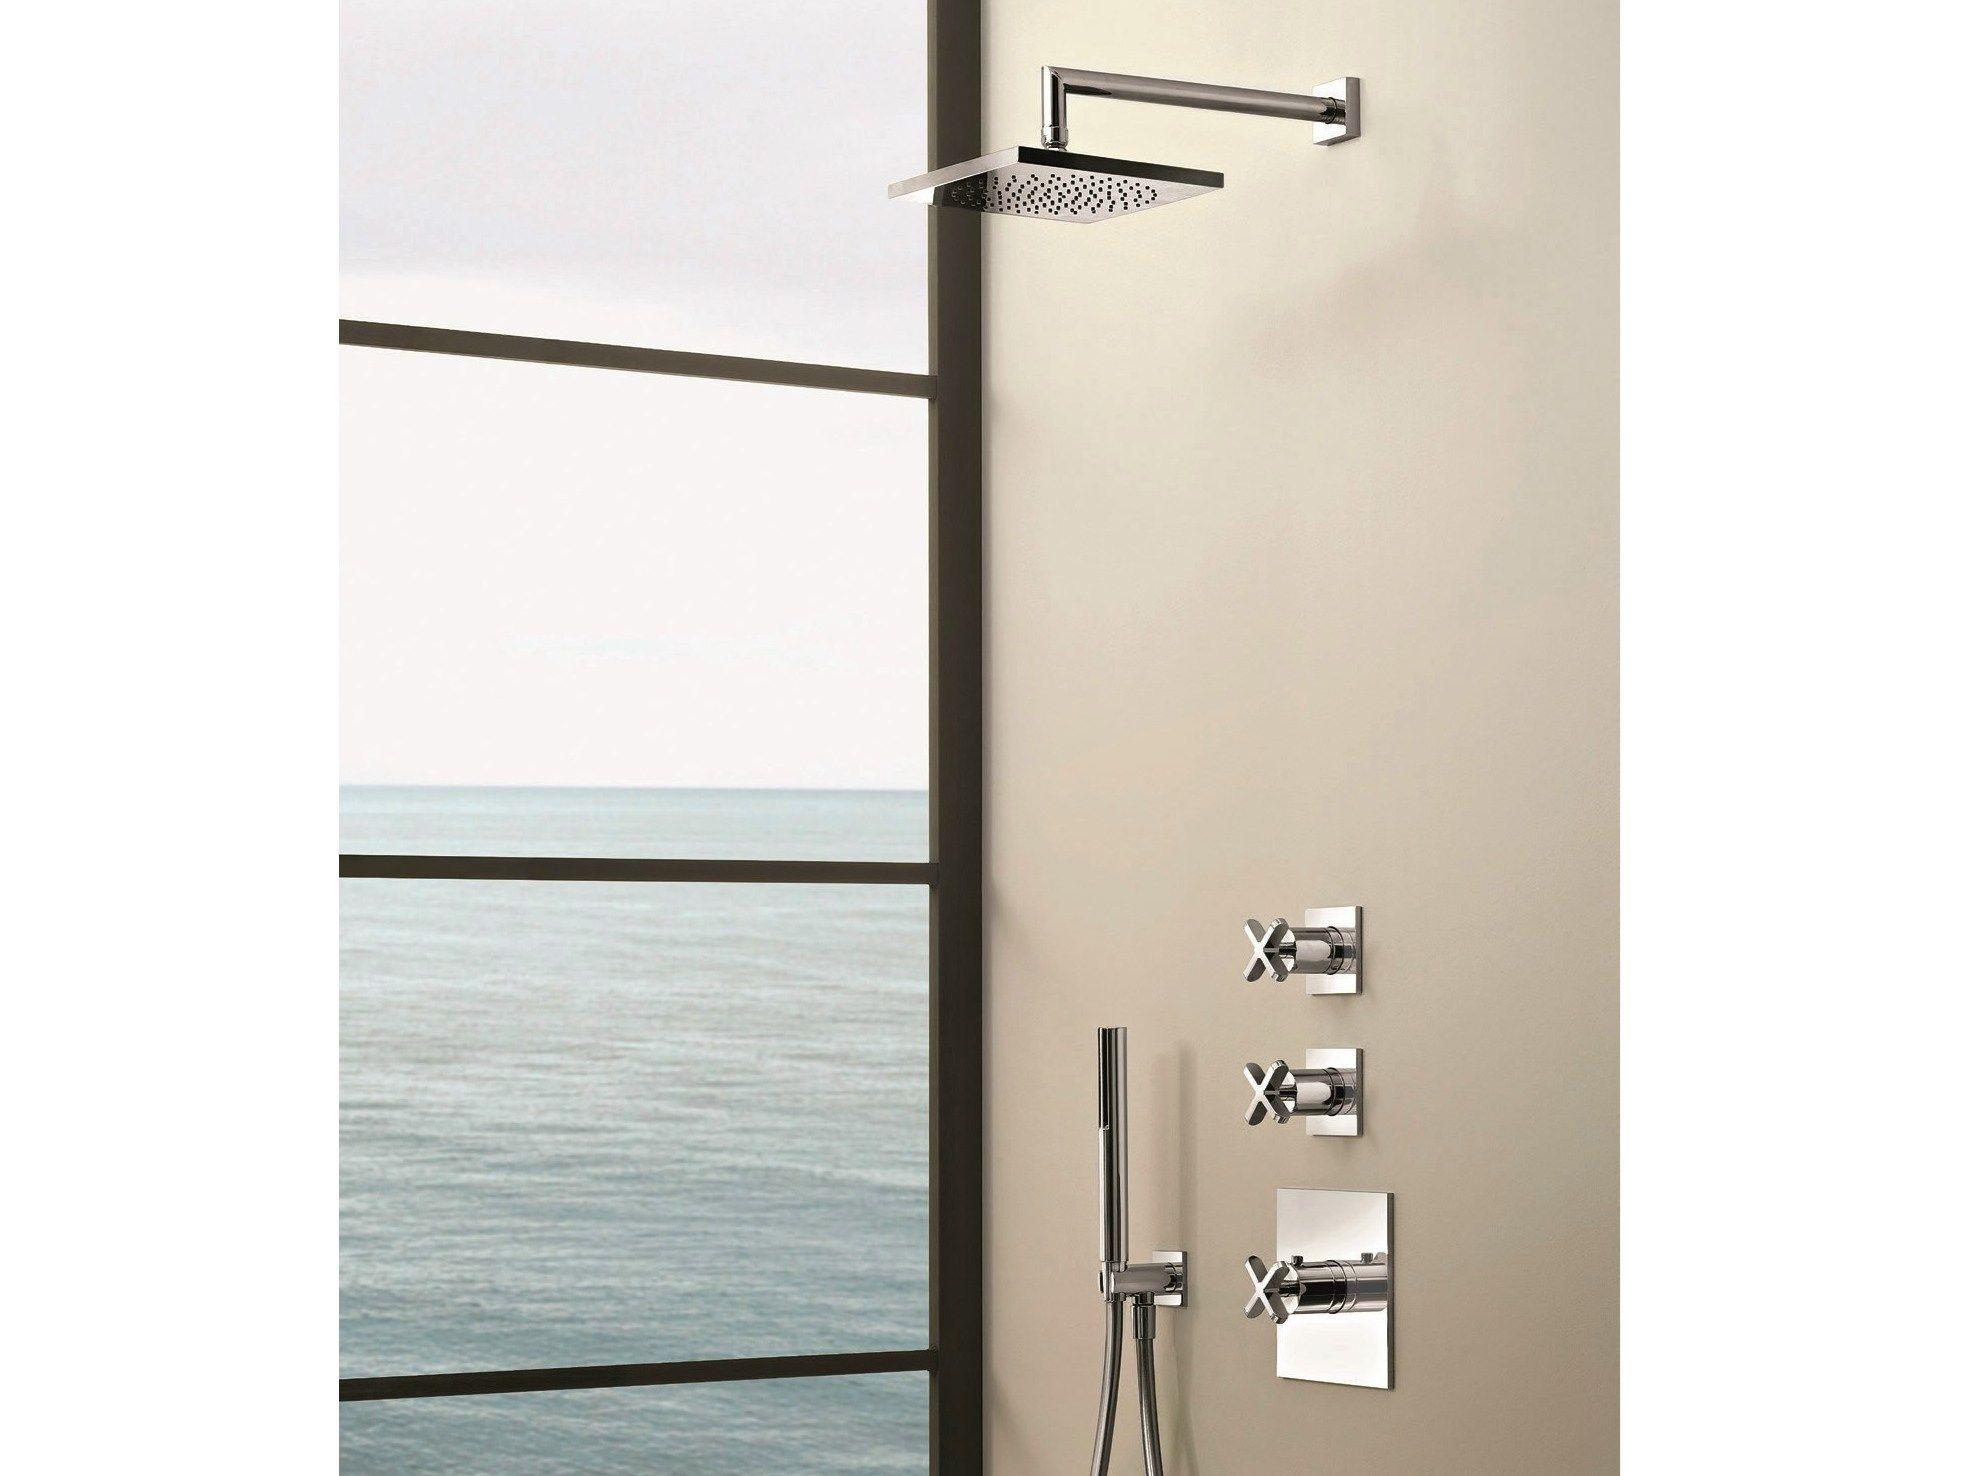 Riviera miscelatore termostatico per doccia a 3 fori by - Dove posizionare soffione doccia ...